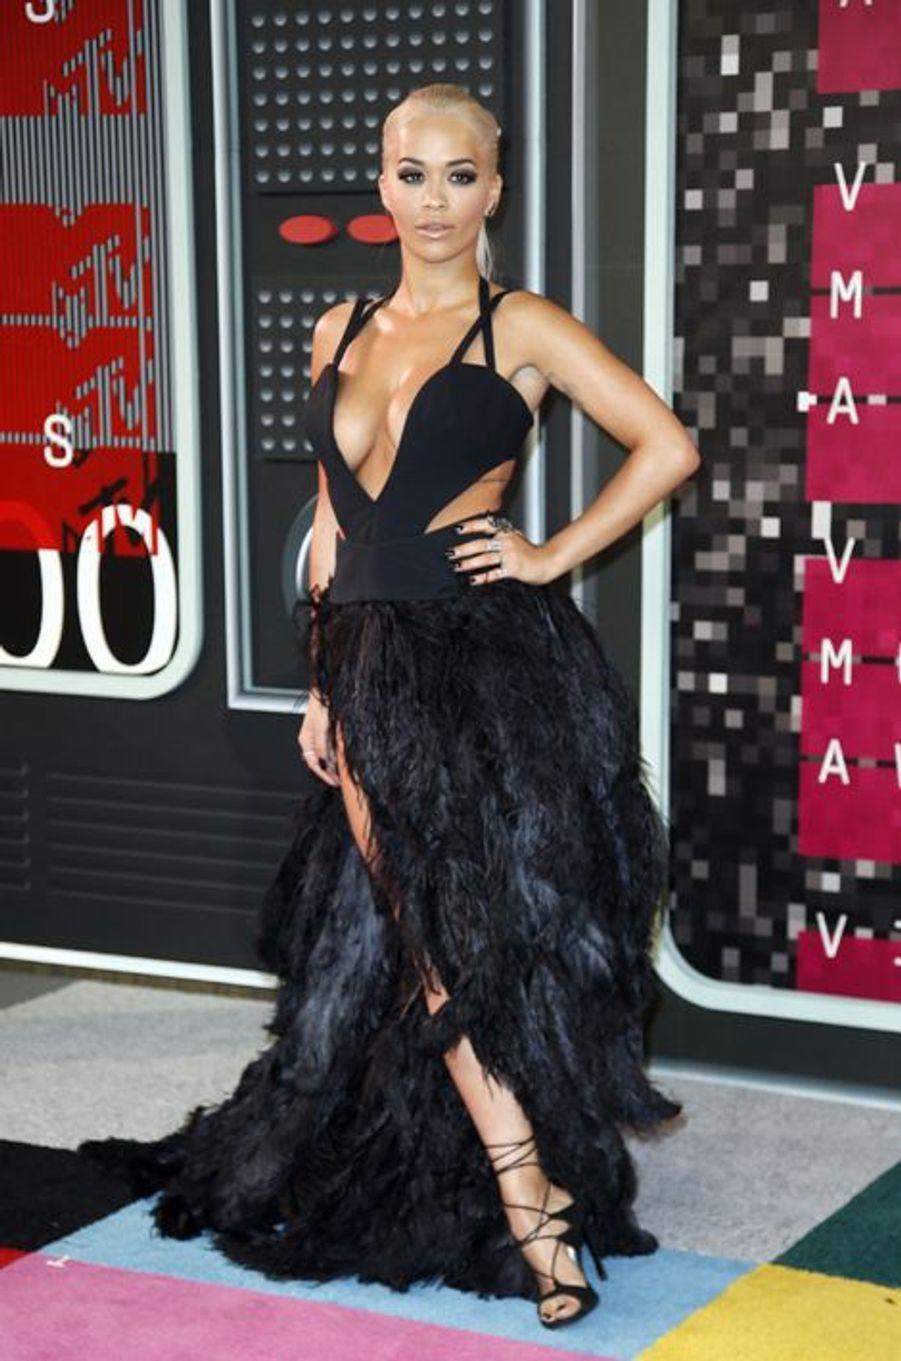 La chanteuse Rita Ora arrive aux MTV Video Music Awards 2015 dimanche soir.